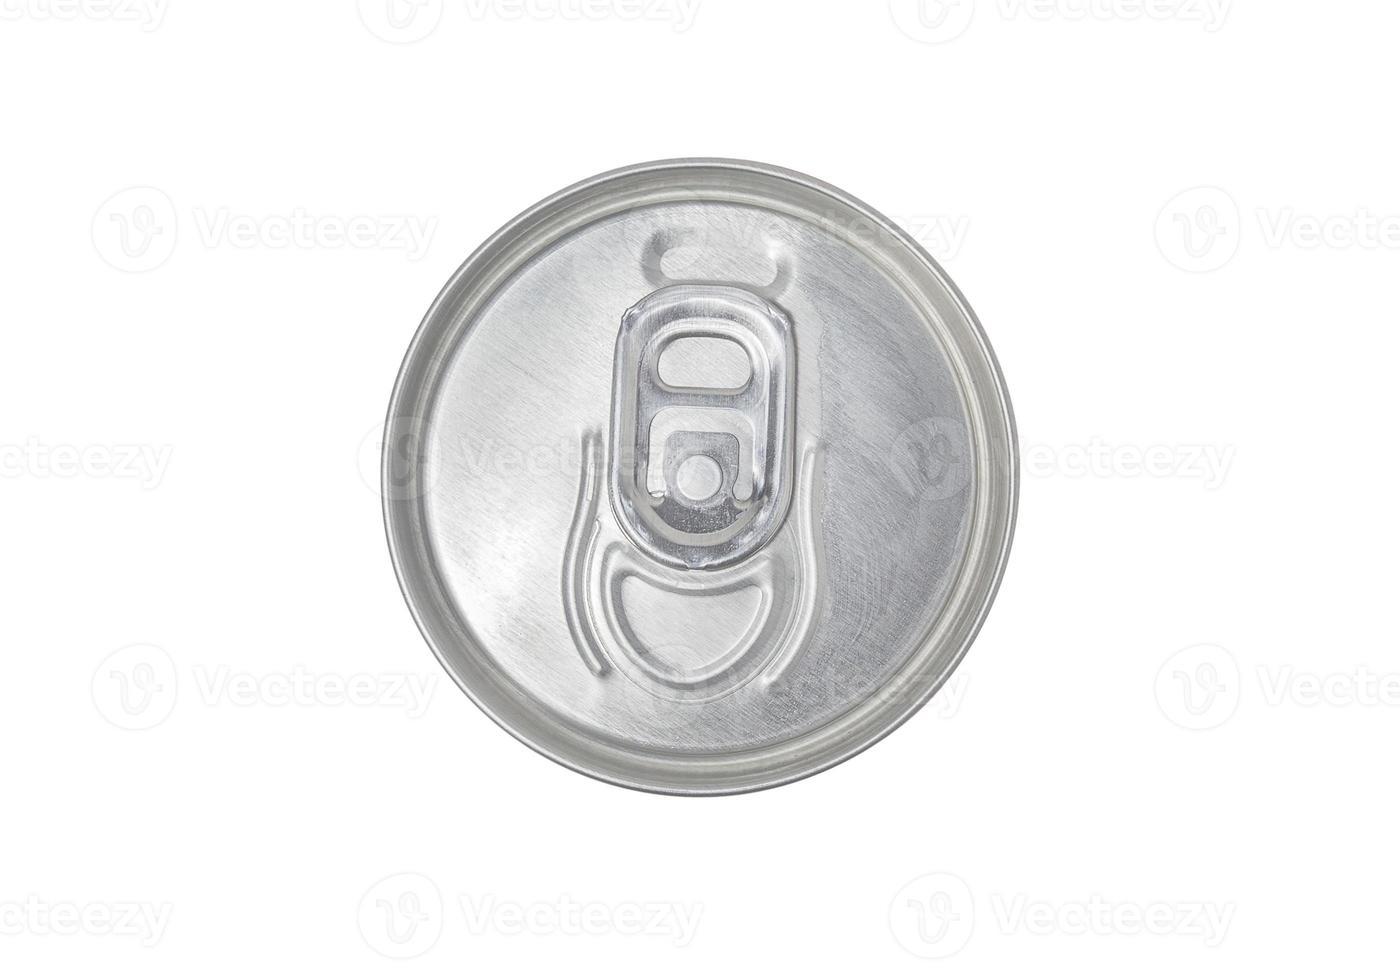 Vista superior de la lata, trazado de recorte, aislado foto